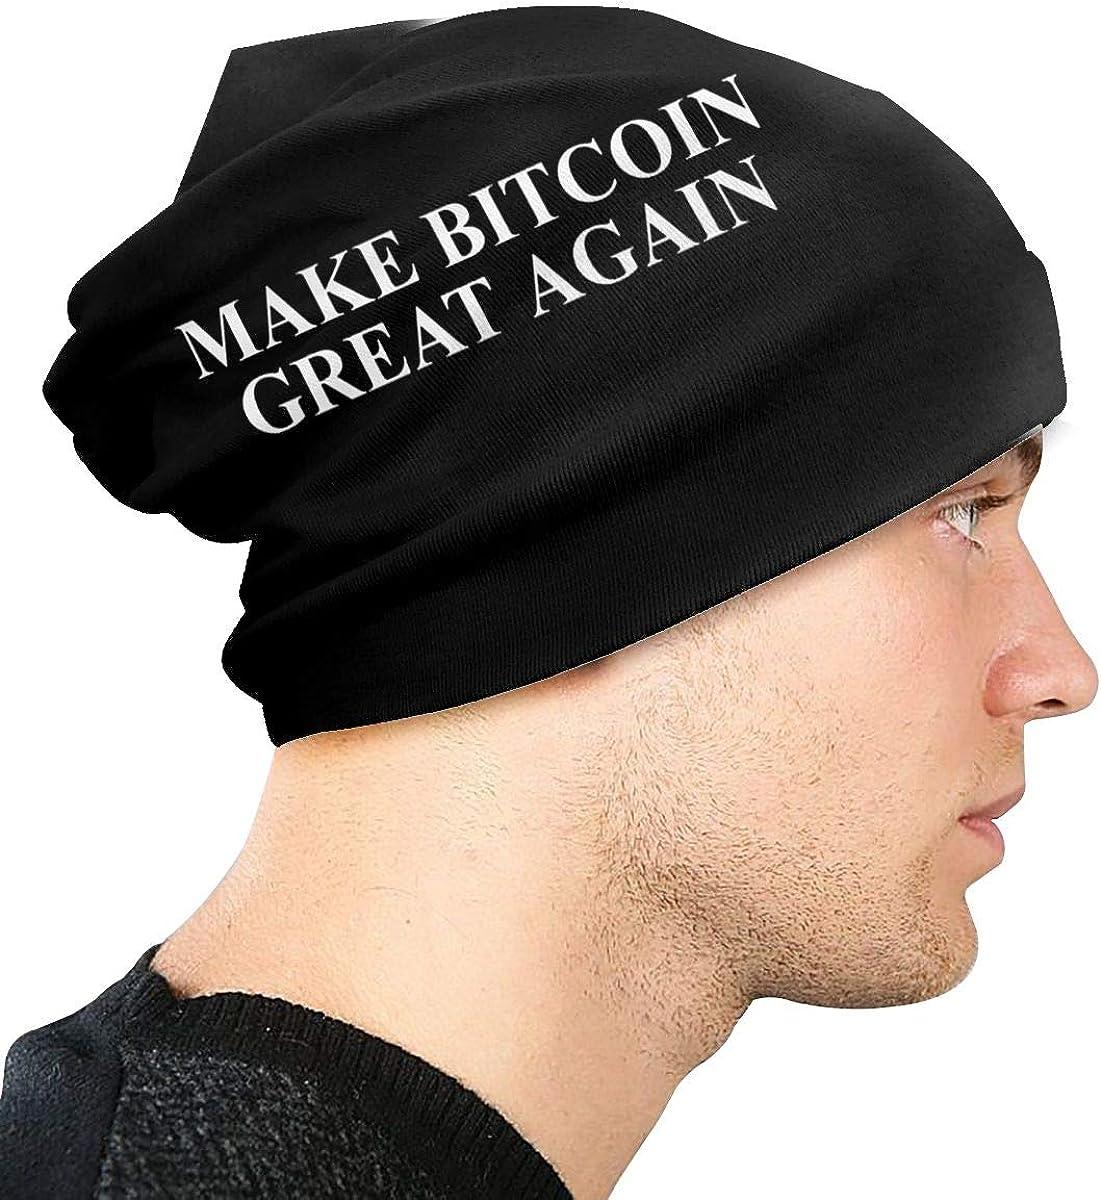 JINGUImao Make Bitcoin Great Again Unisex Warm Hat Knit Hat Skull Cap Beanies Cap